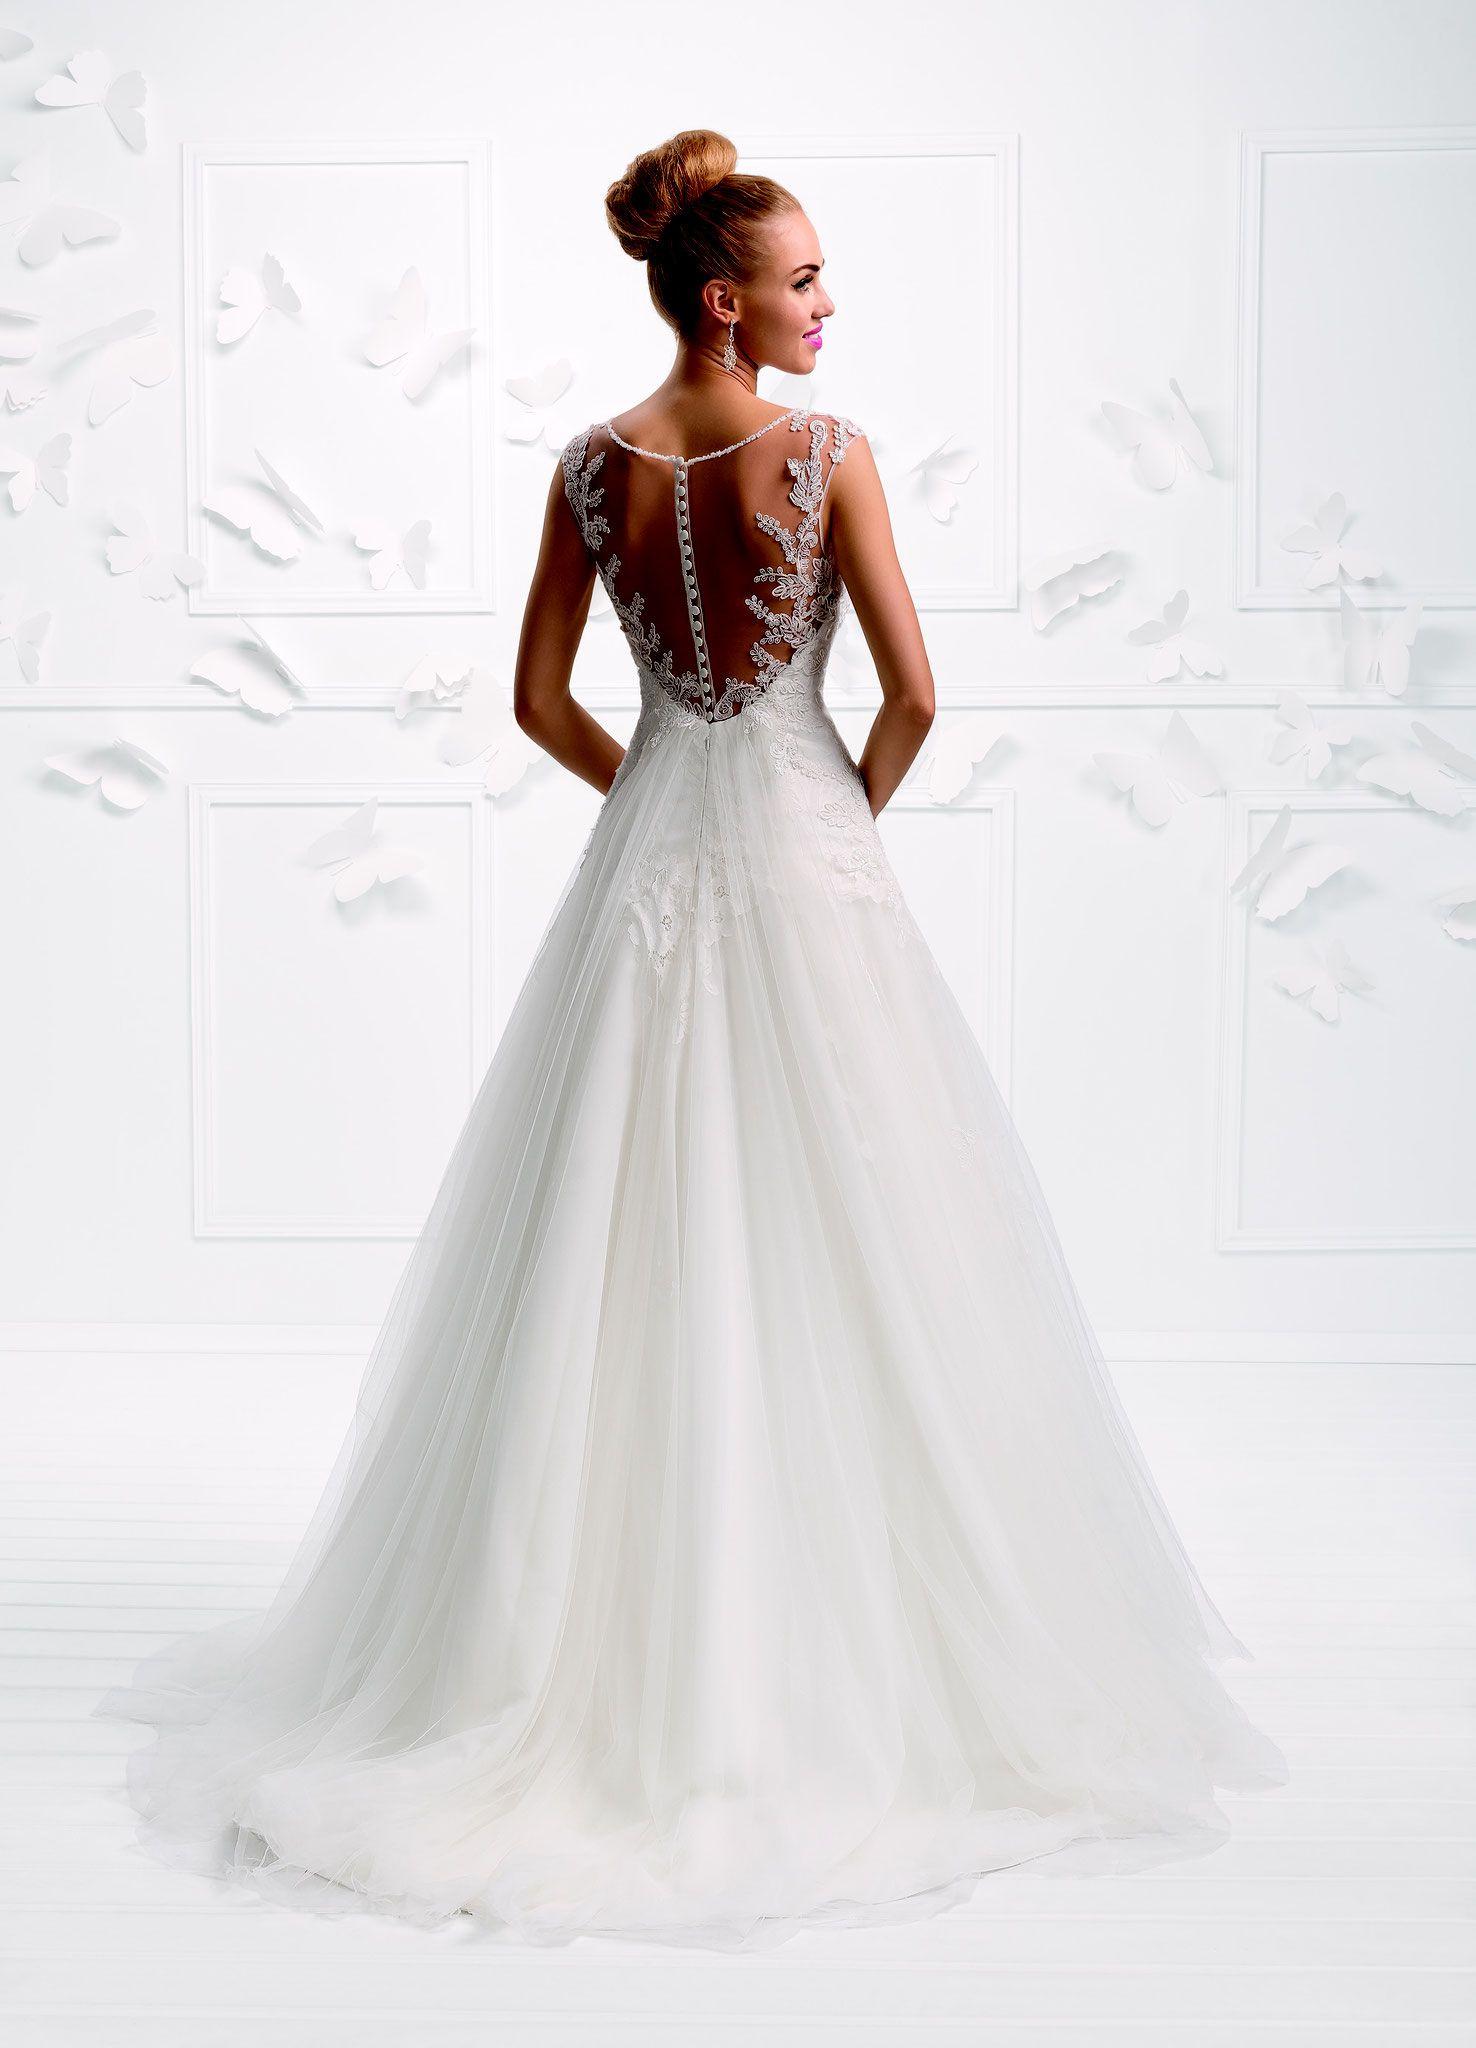 Großzügig Hochzeitskleider Orlando Fl Fotos - Brautkleider Ideen ...